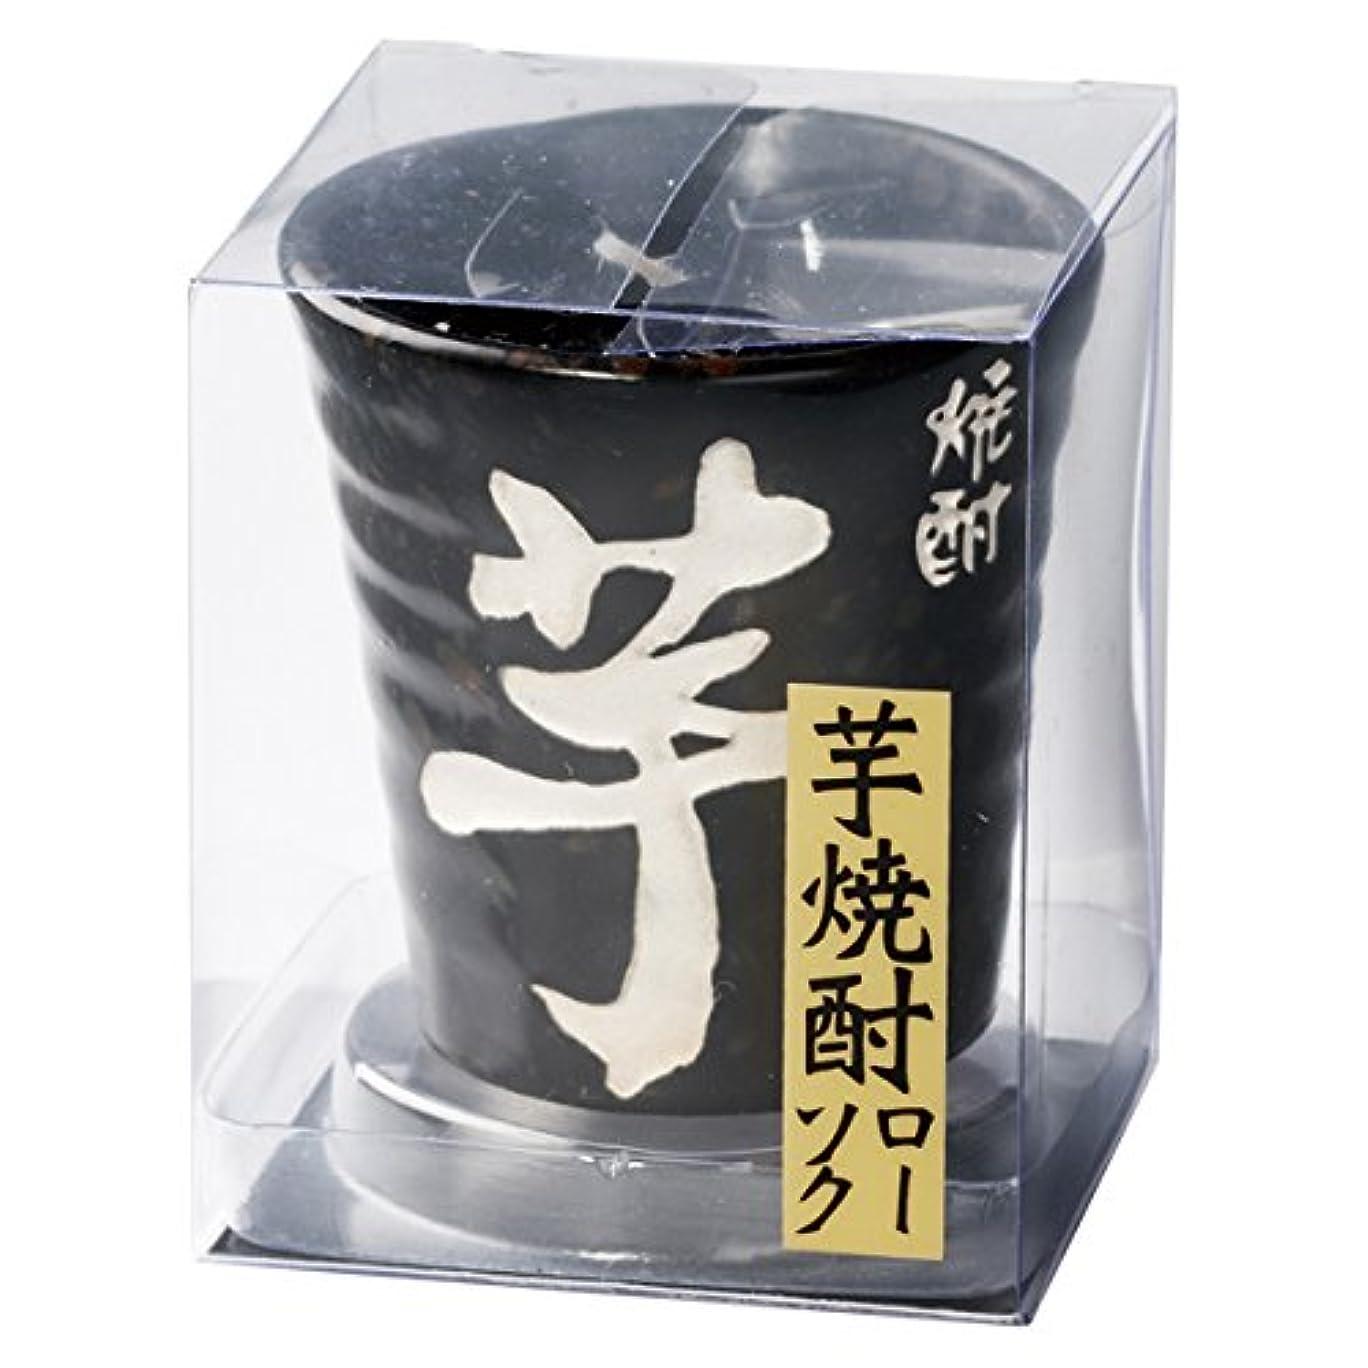 インシュレータテクニカル夕方芋焼酎ローソク